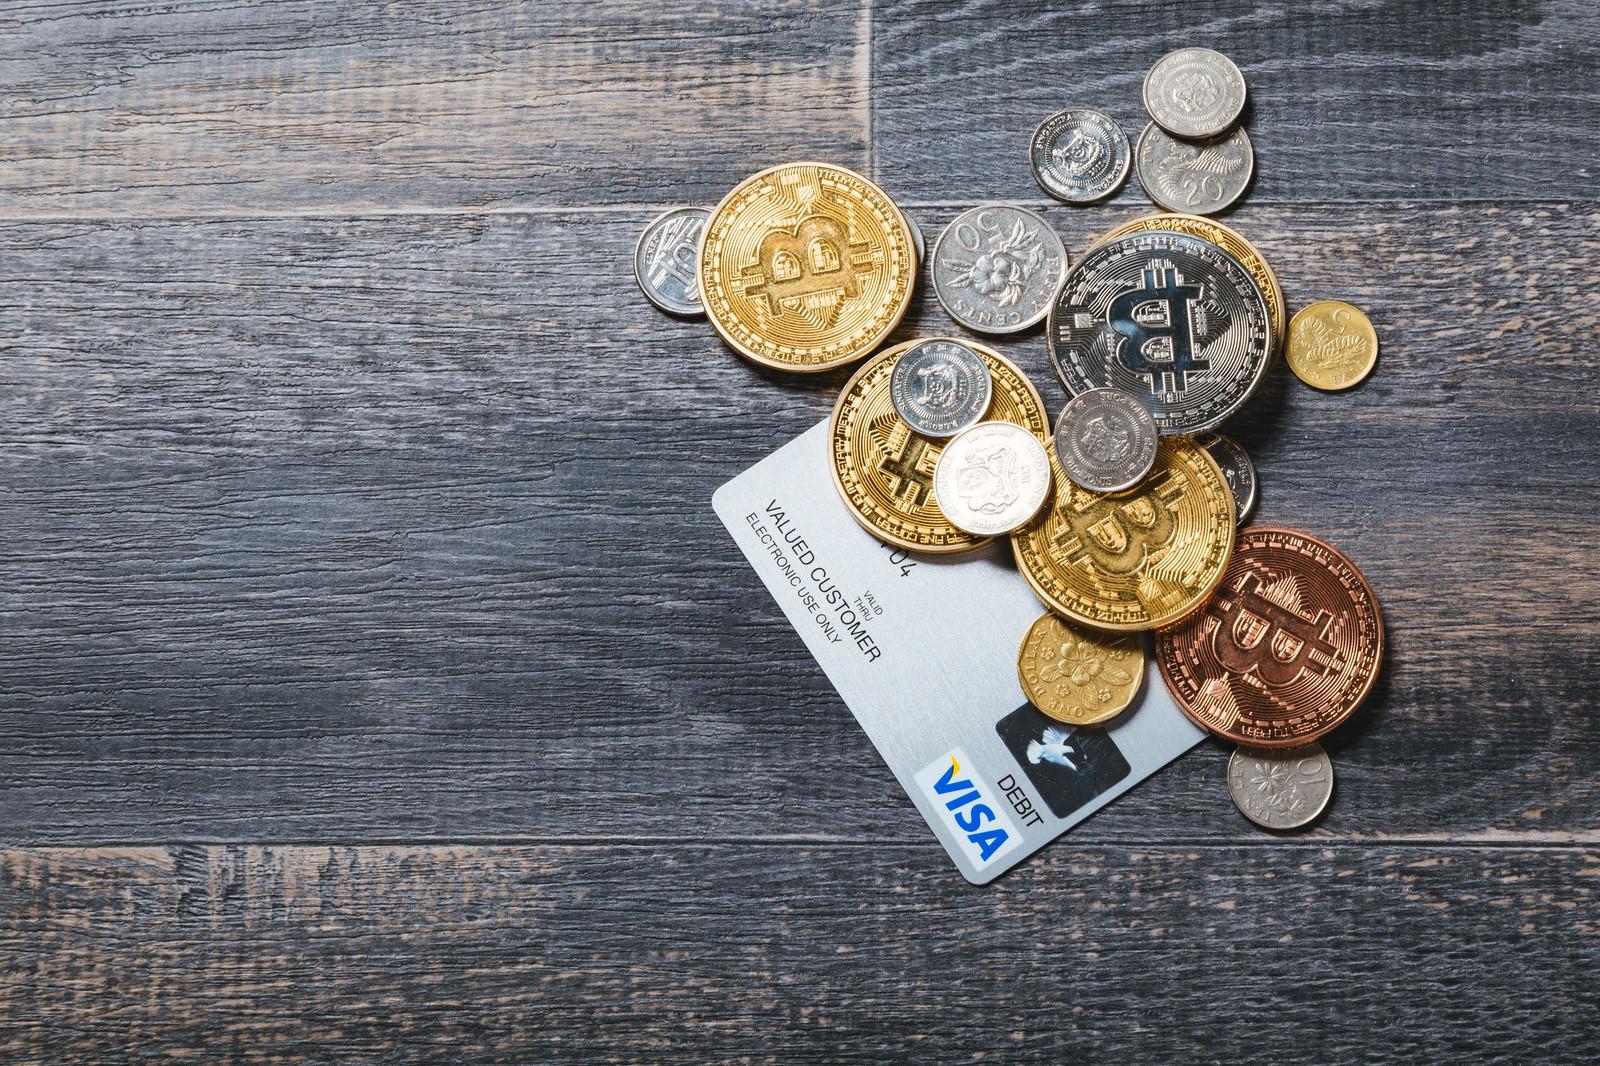 「クレジット決済 フリー素材」の画像検索結果